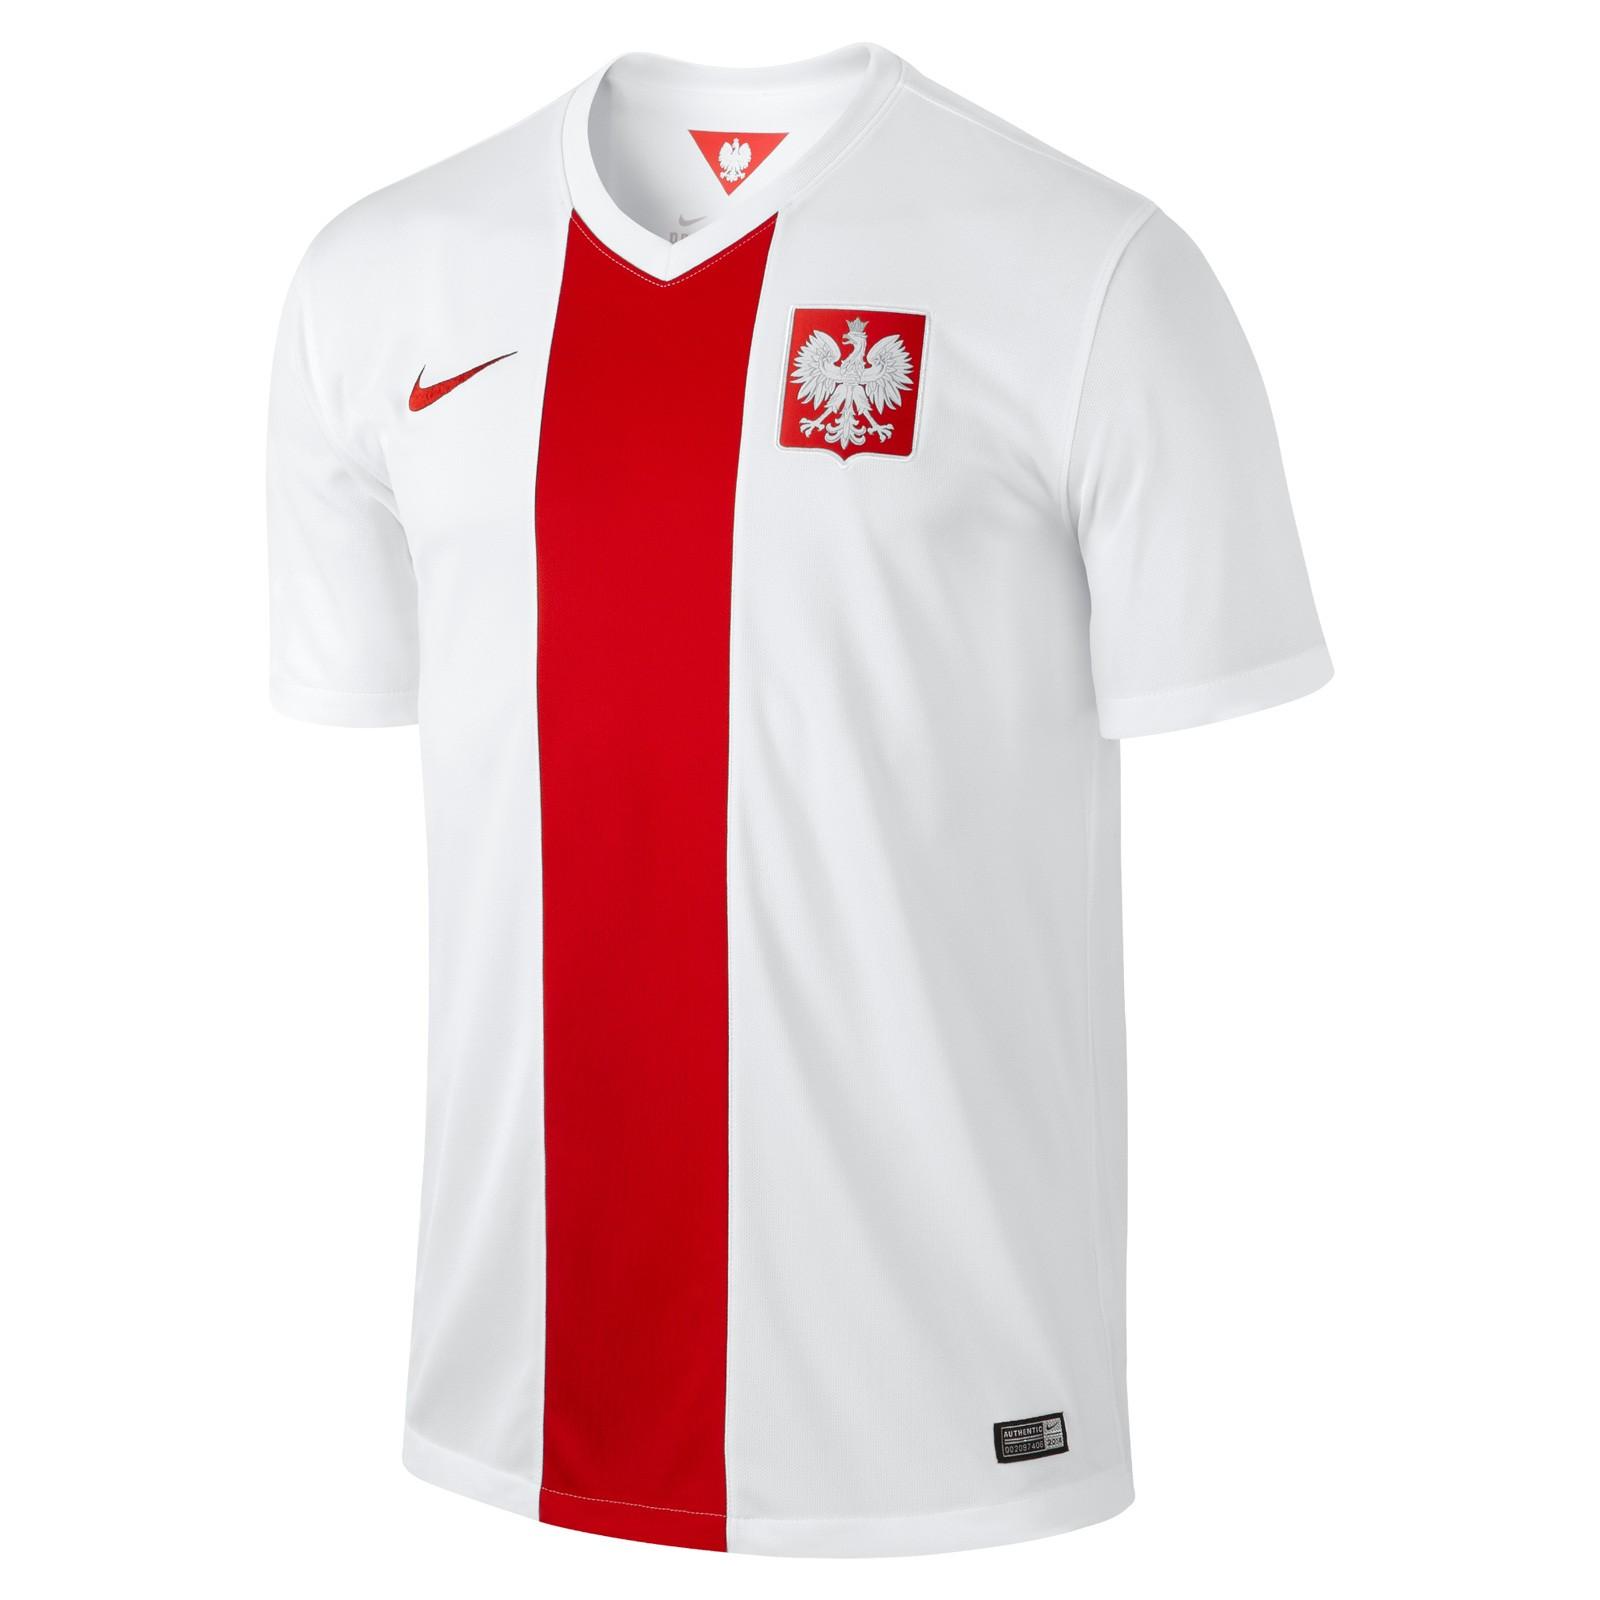 波兰国家队2014赛季球迷版主场球衣